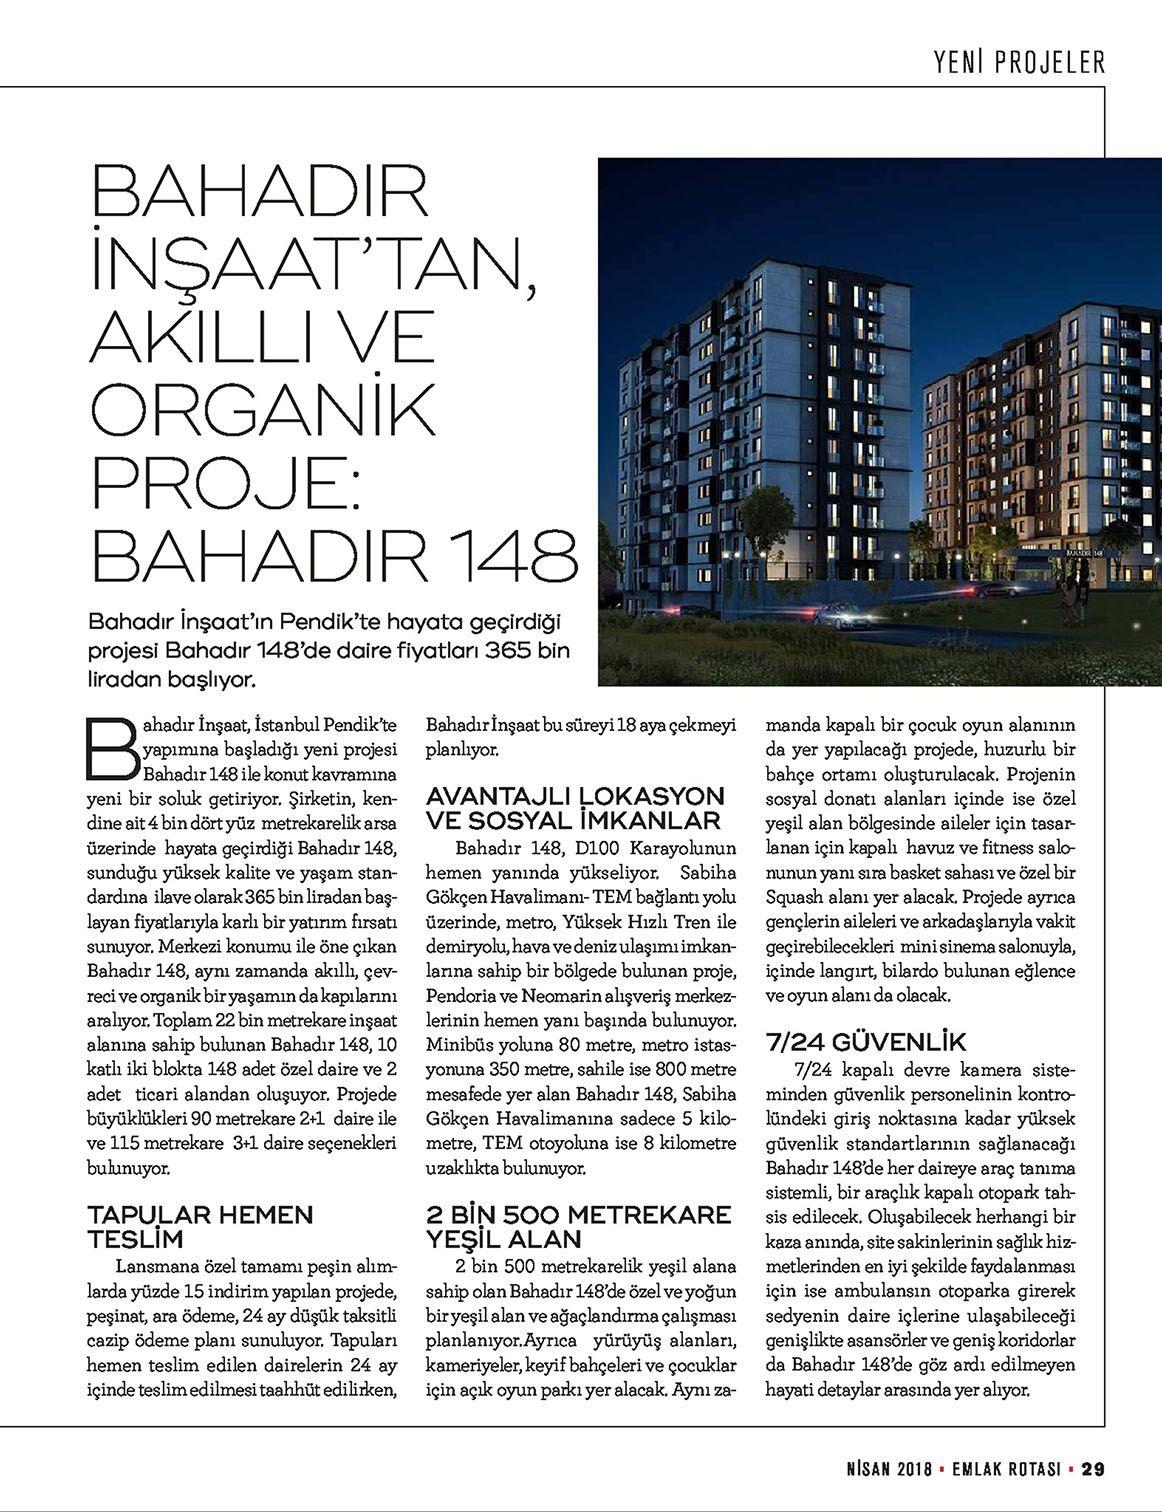 Bahadýr Ýnþaat'tan, Akýllý ve Organik Proje: BAHADIR 148